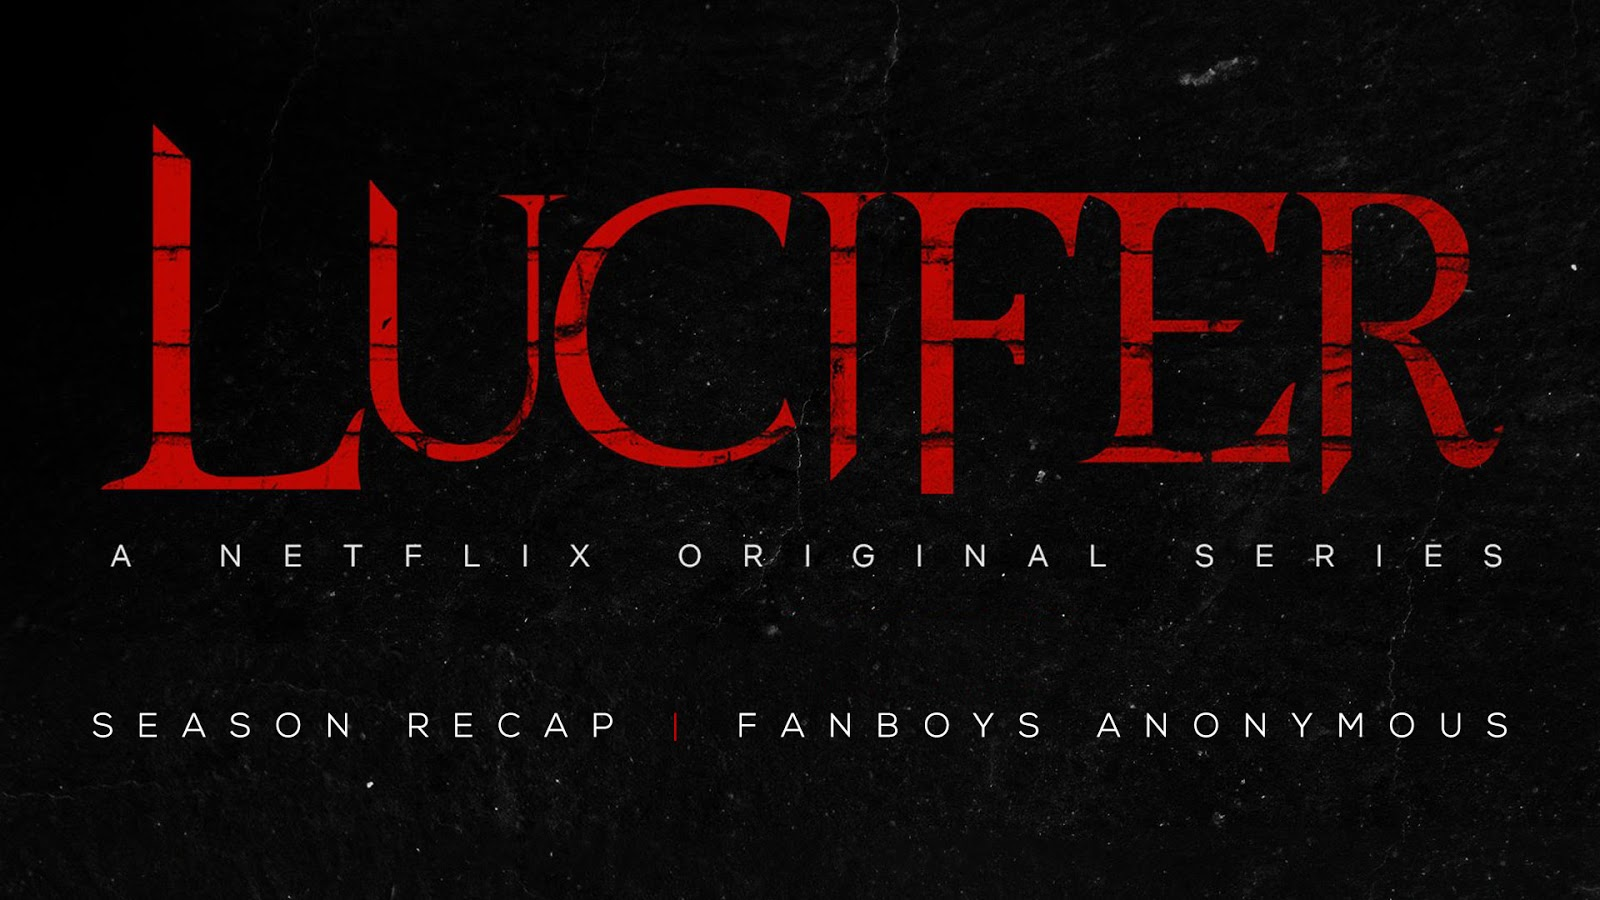 Netflix desktop Lucifer wallpaper